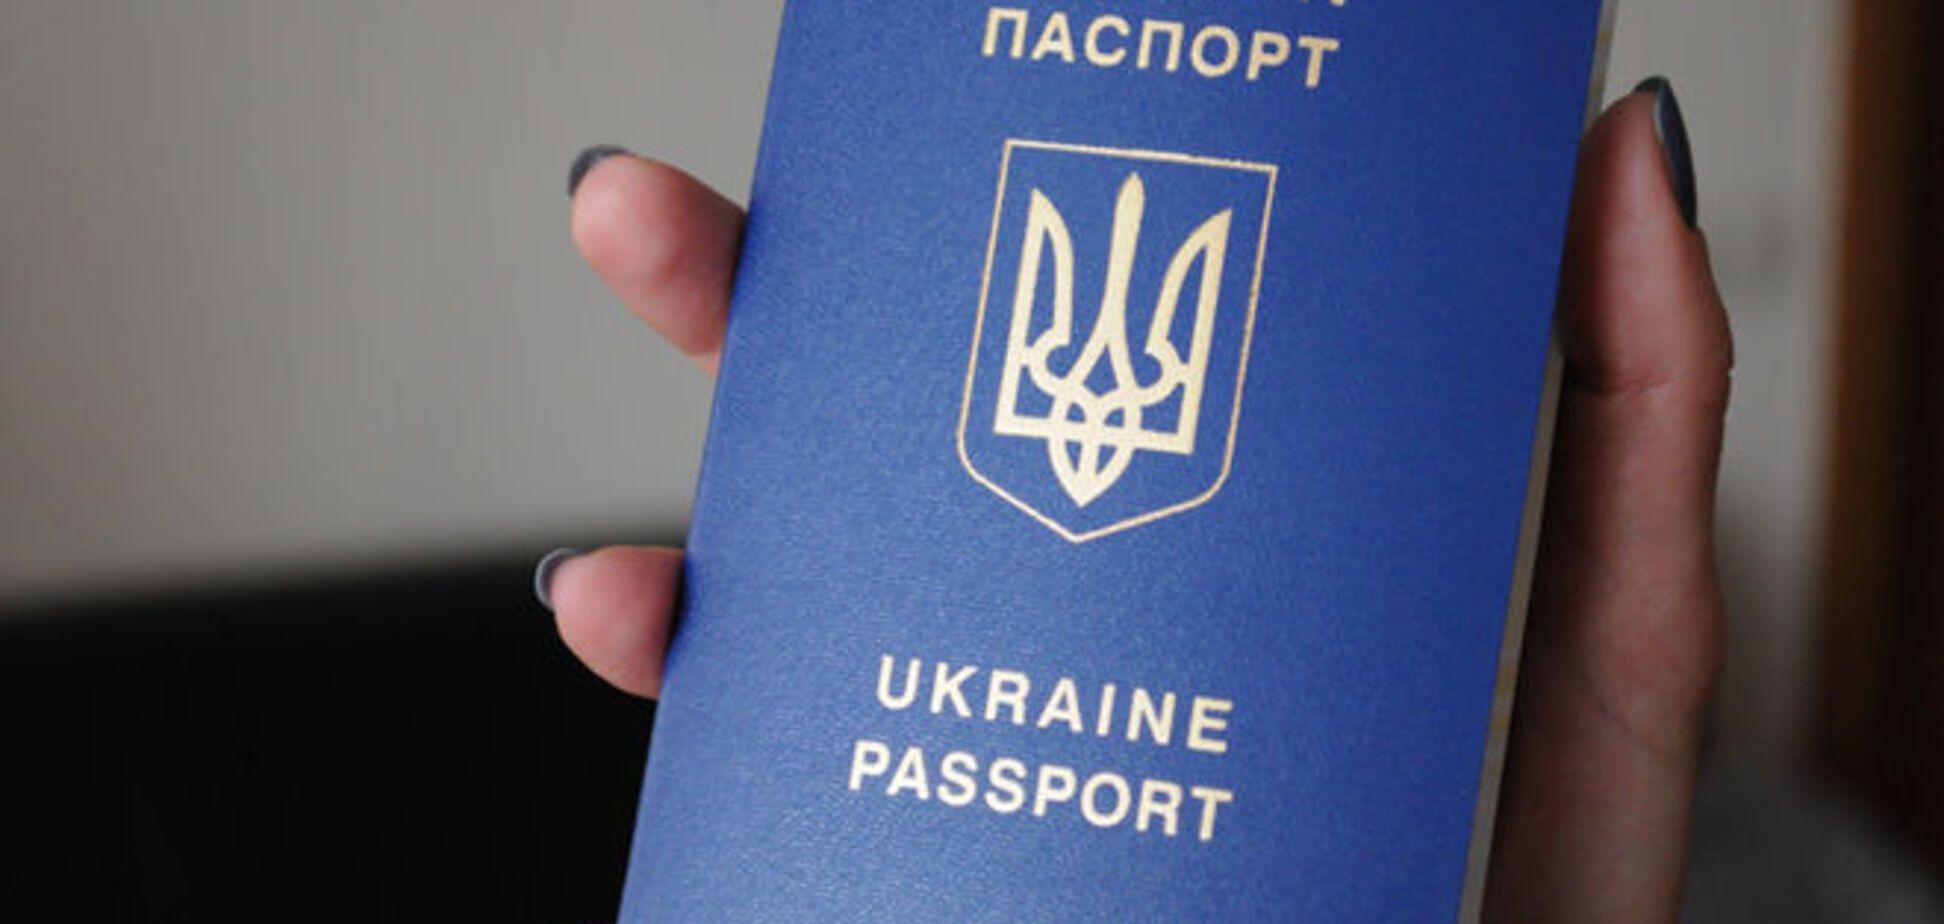 Опять проблемы: биометрические паспорта прекратили выдавать в посольствах Украины